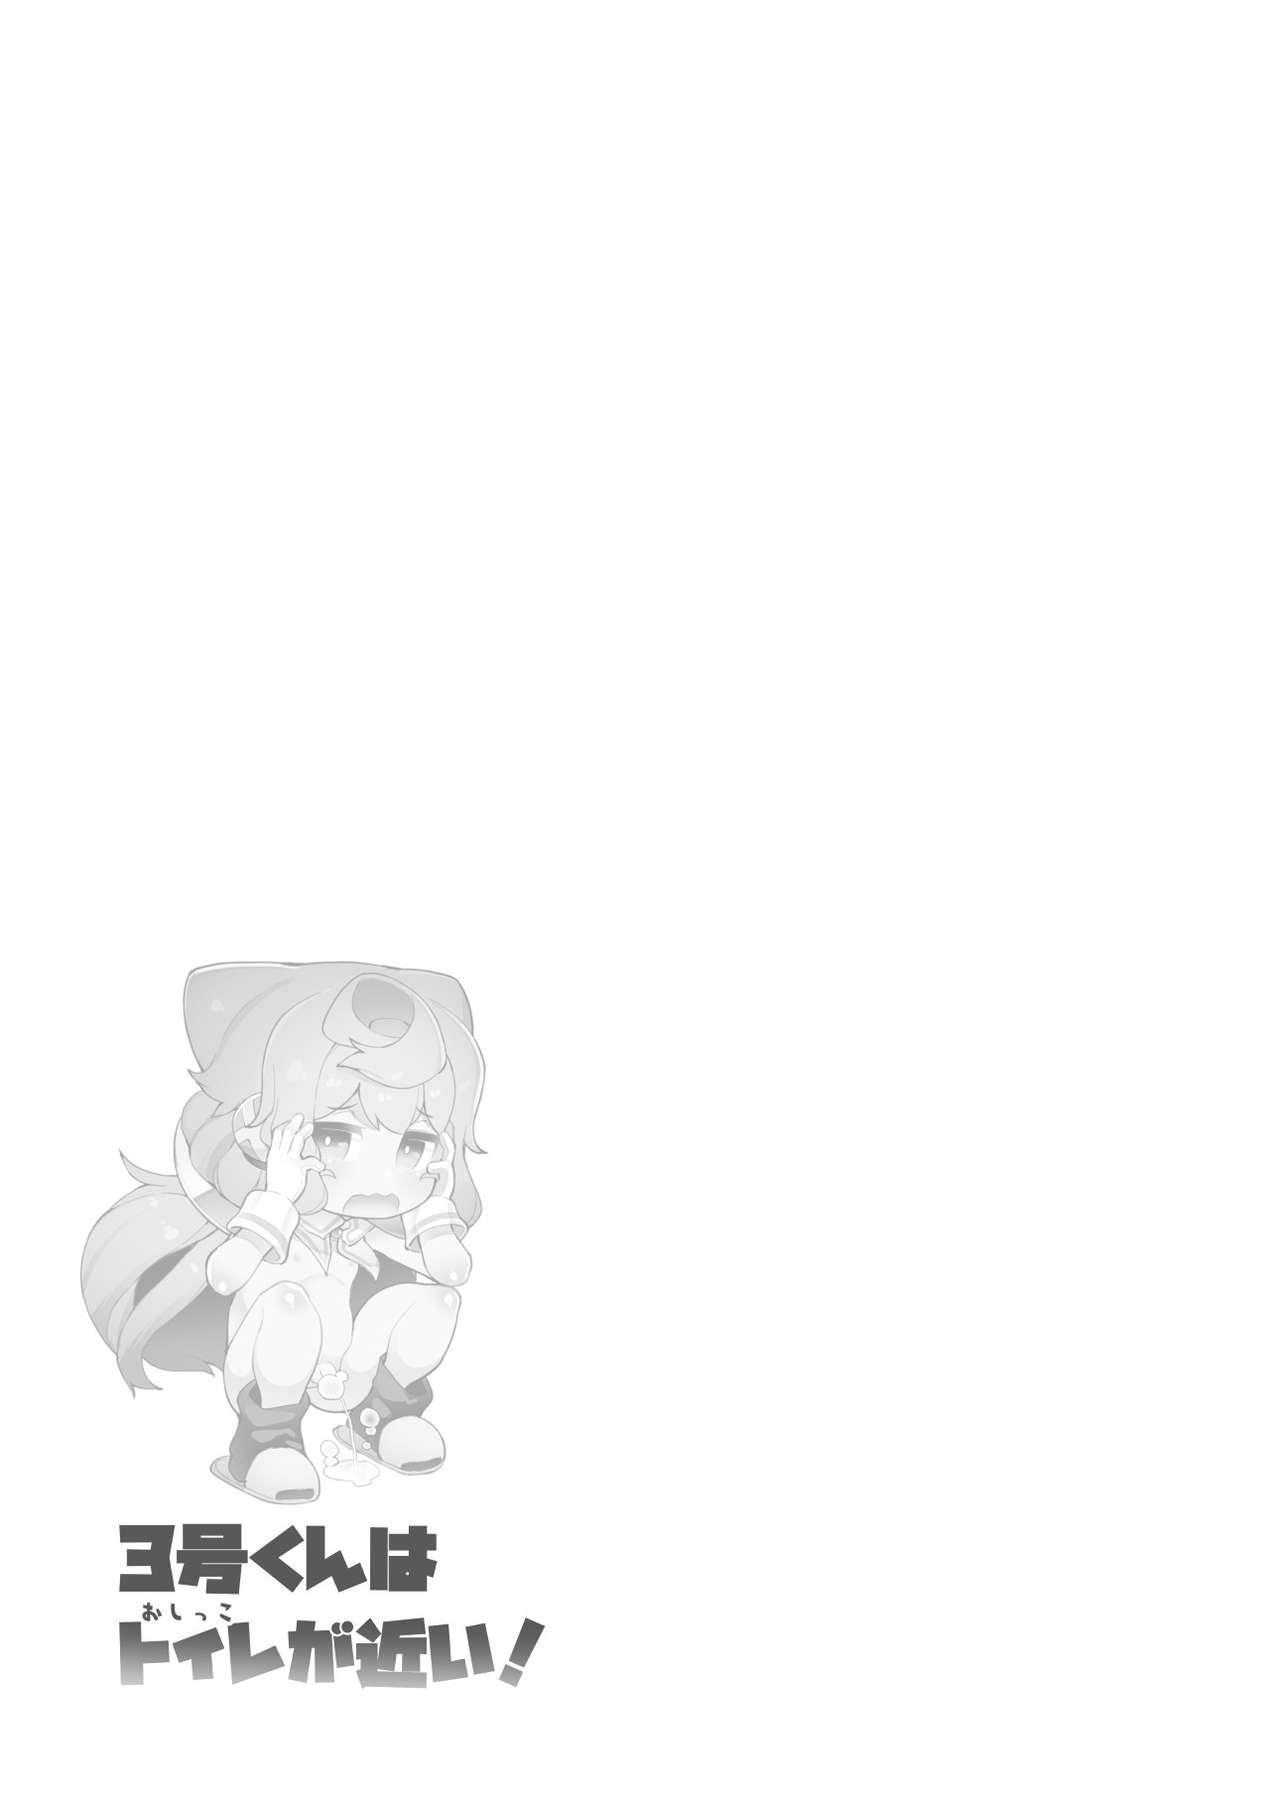 [Kuropoplar (Nyakkuru)] 3-gou-kun wa Toile (Oshikko) ga Chikai! (Hacka Doll) [Chinese] [瑞树汉化组] [Digital] 18